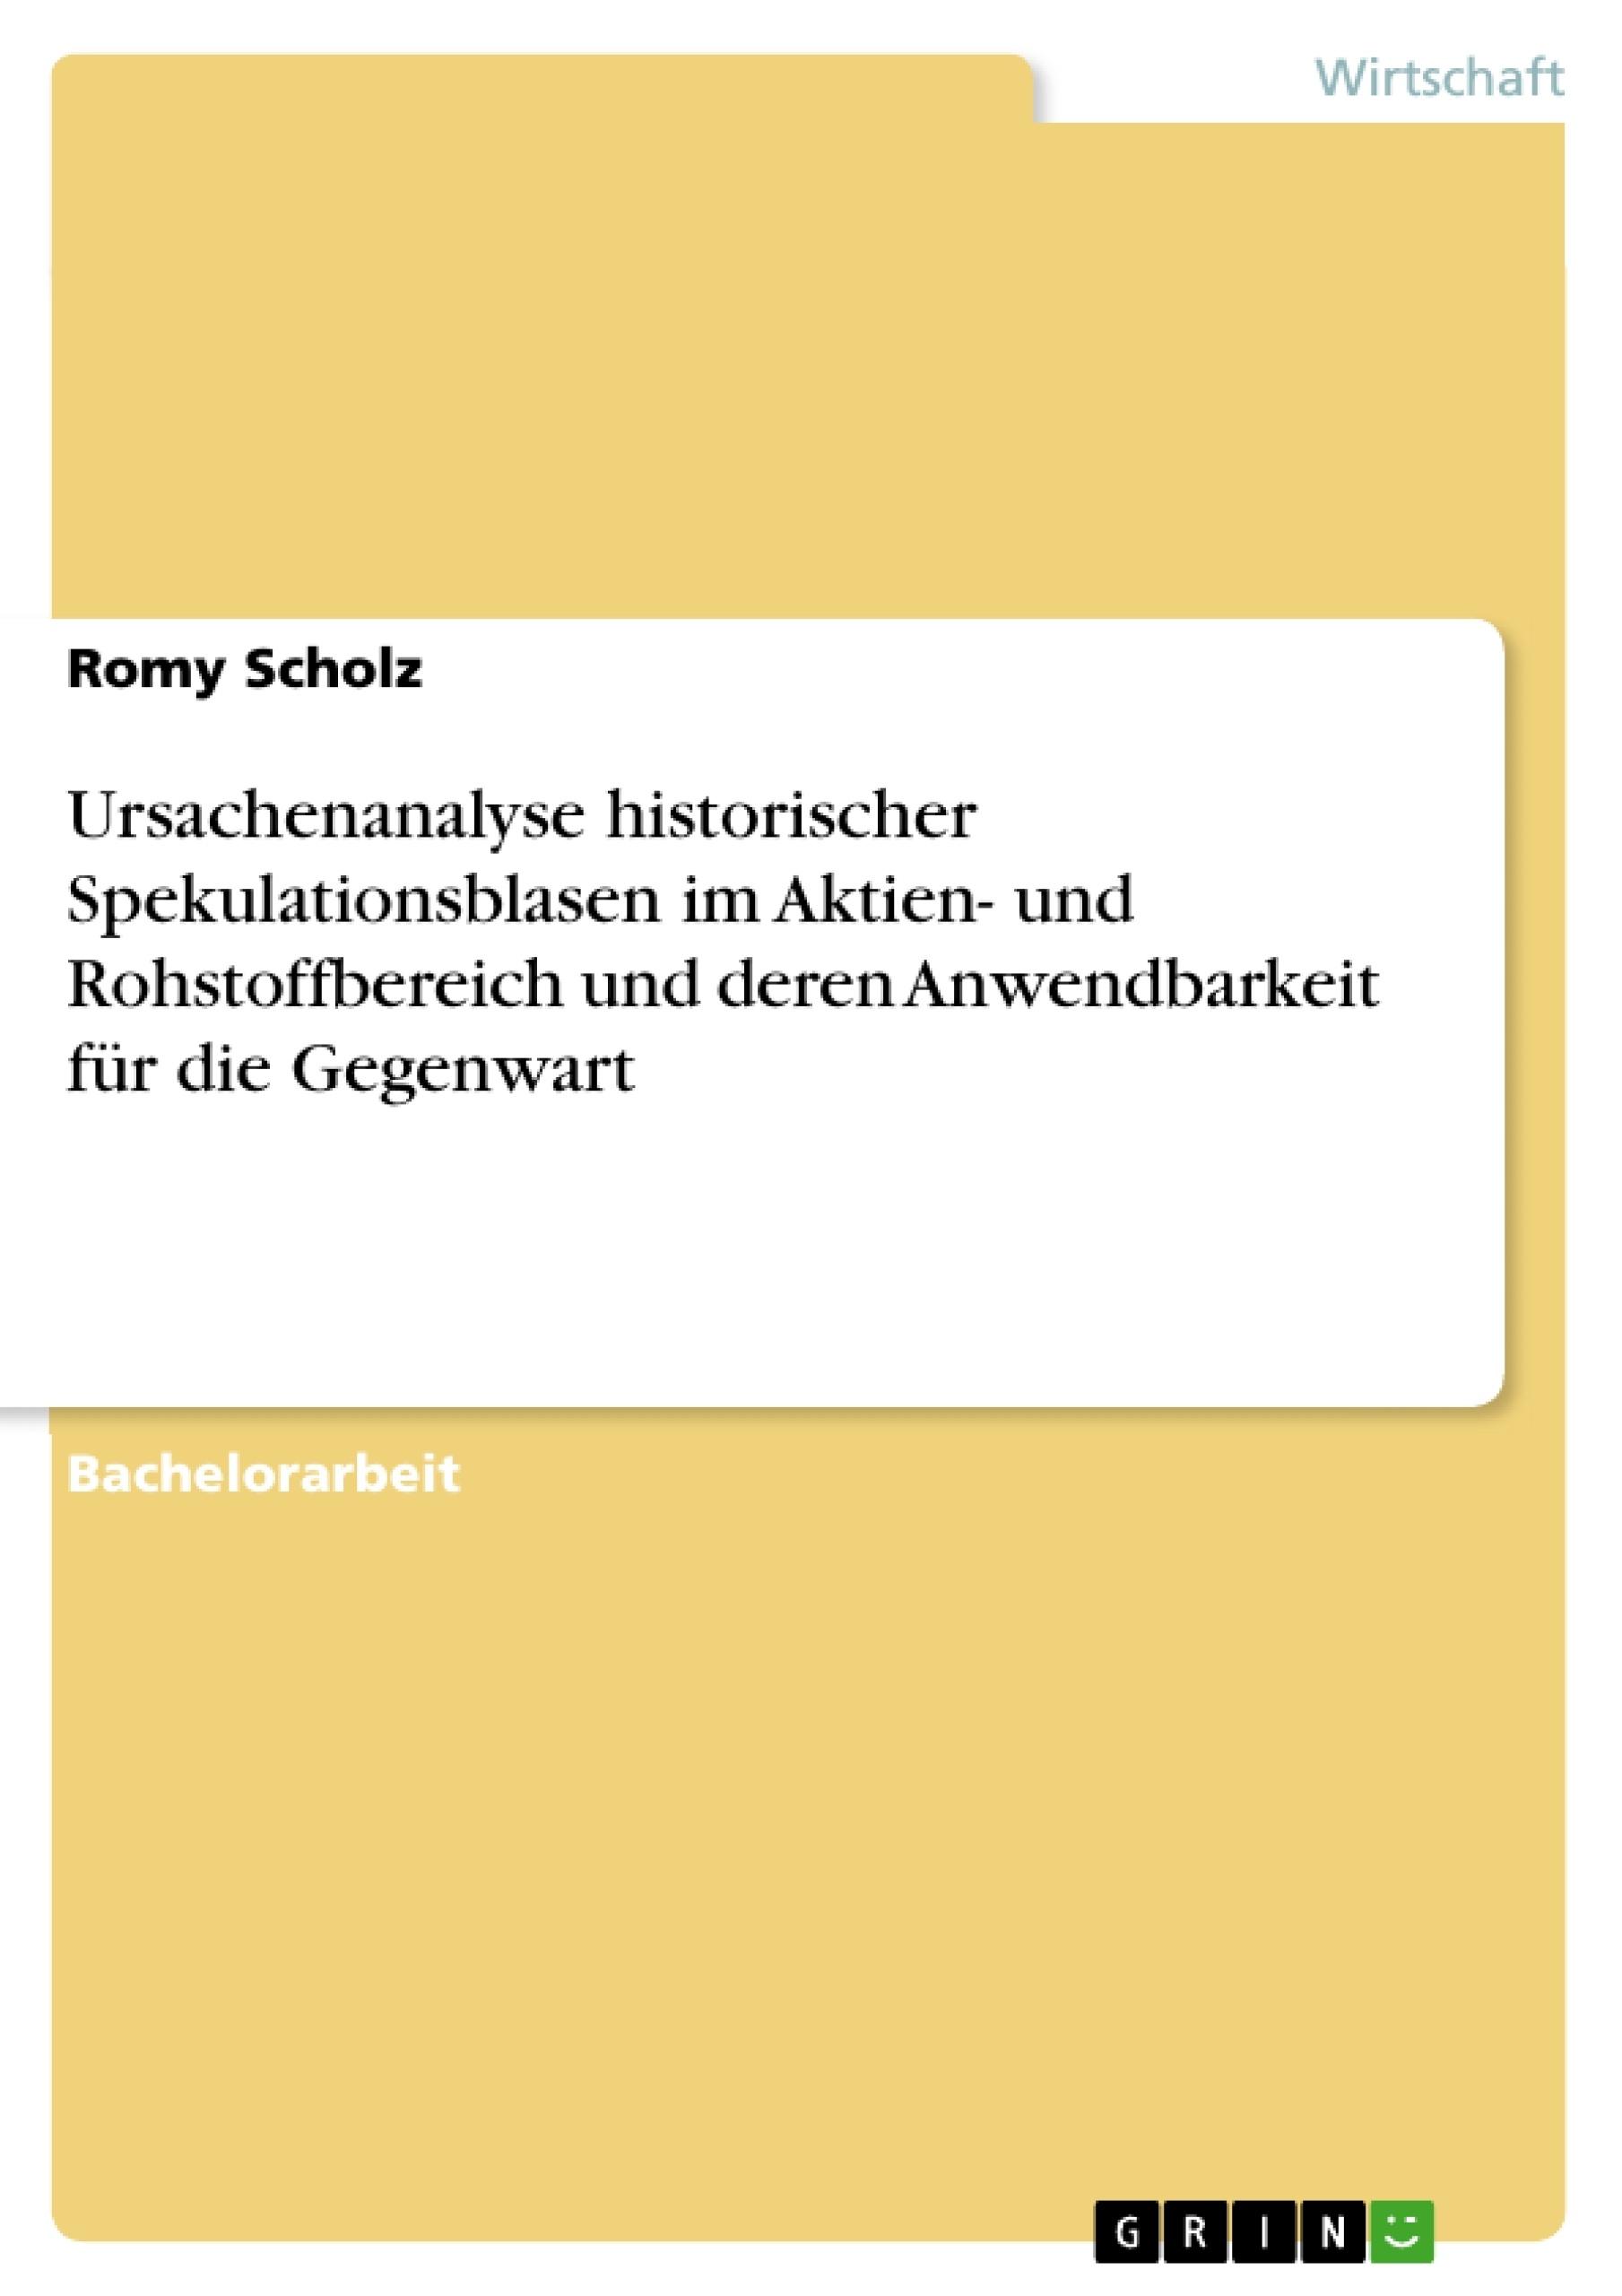 Titel: Ursachenanalyse historischer Spekulationsblasen im Aktien- und Rohstoffbereich und deren Anwendbarkeit für die Gegenwart